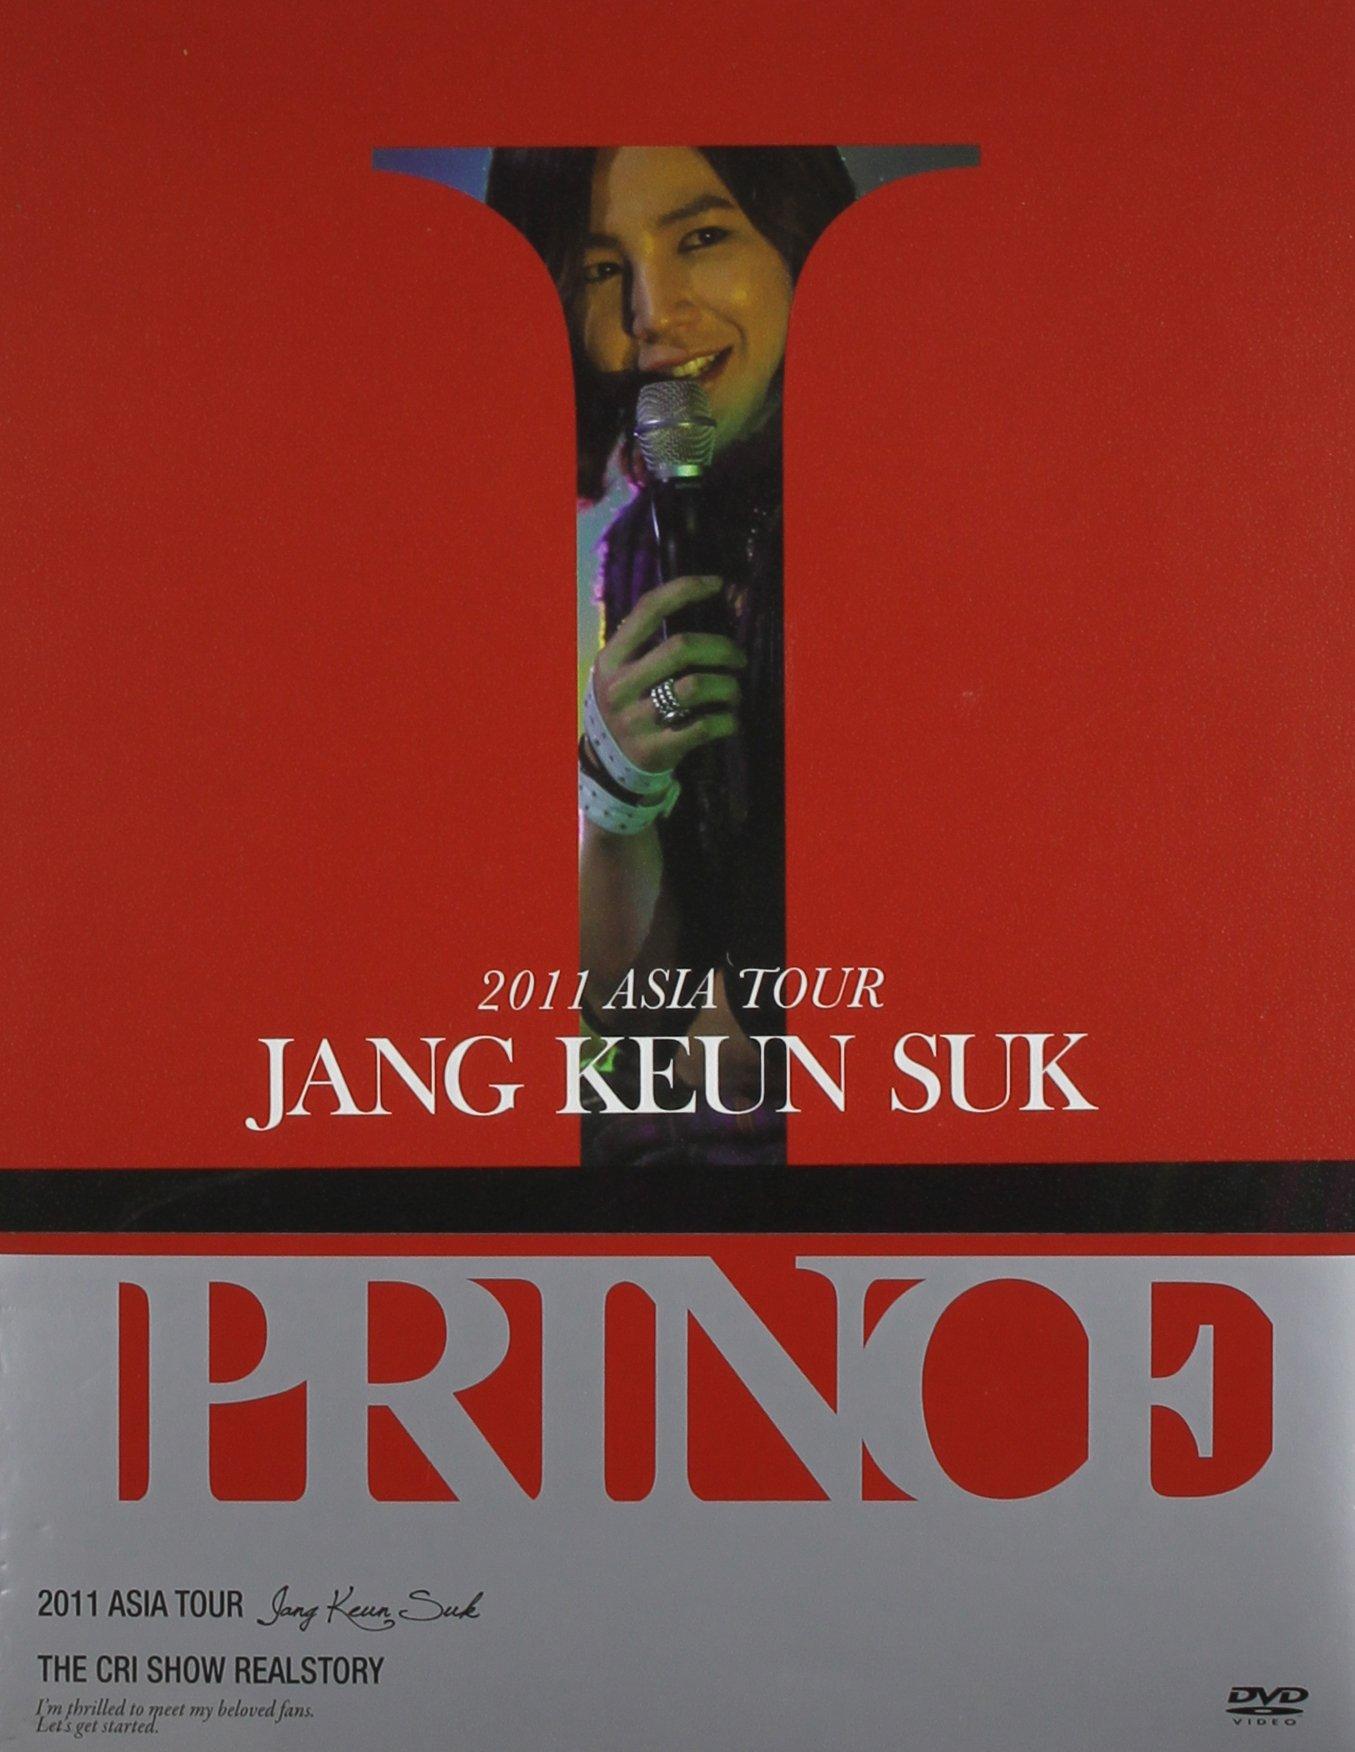 DVD : Jang Keun Suk - 2011 Asia Tour (Asia - Import, 4PC)